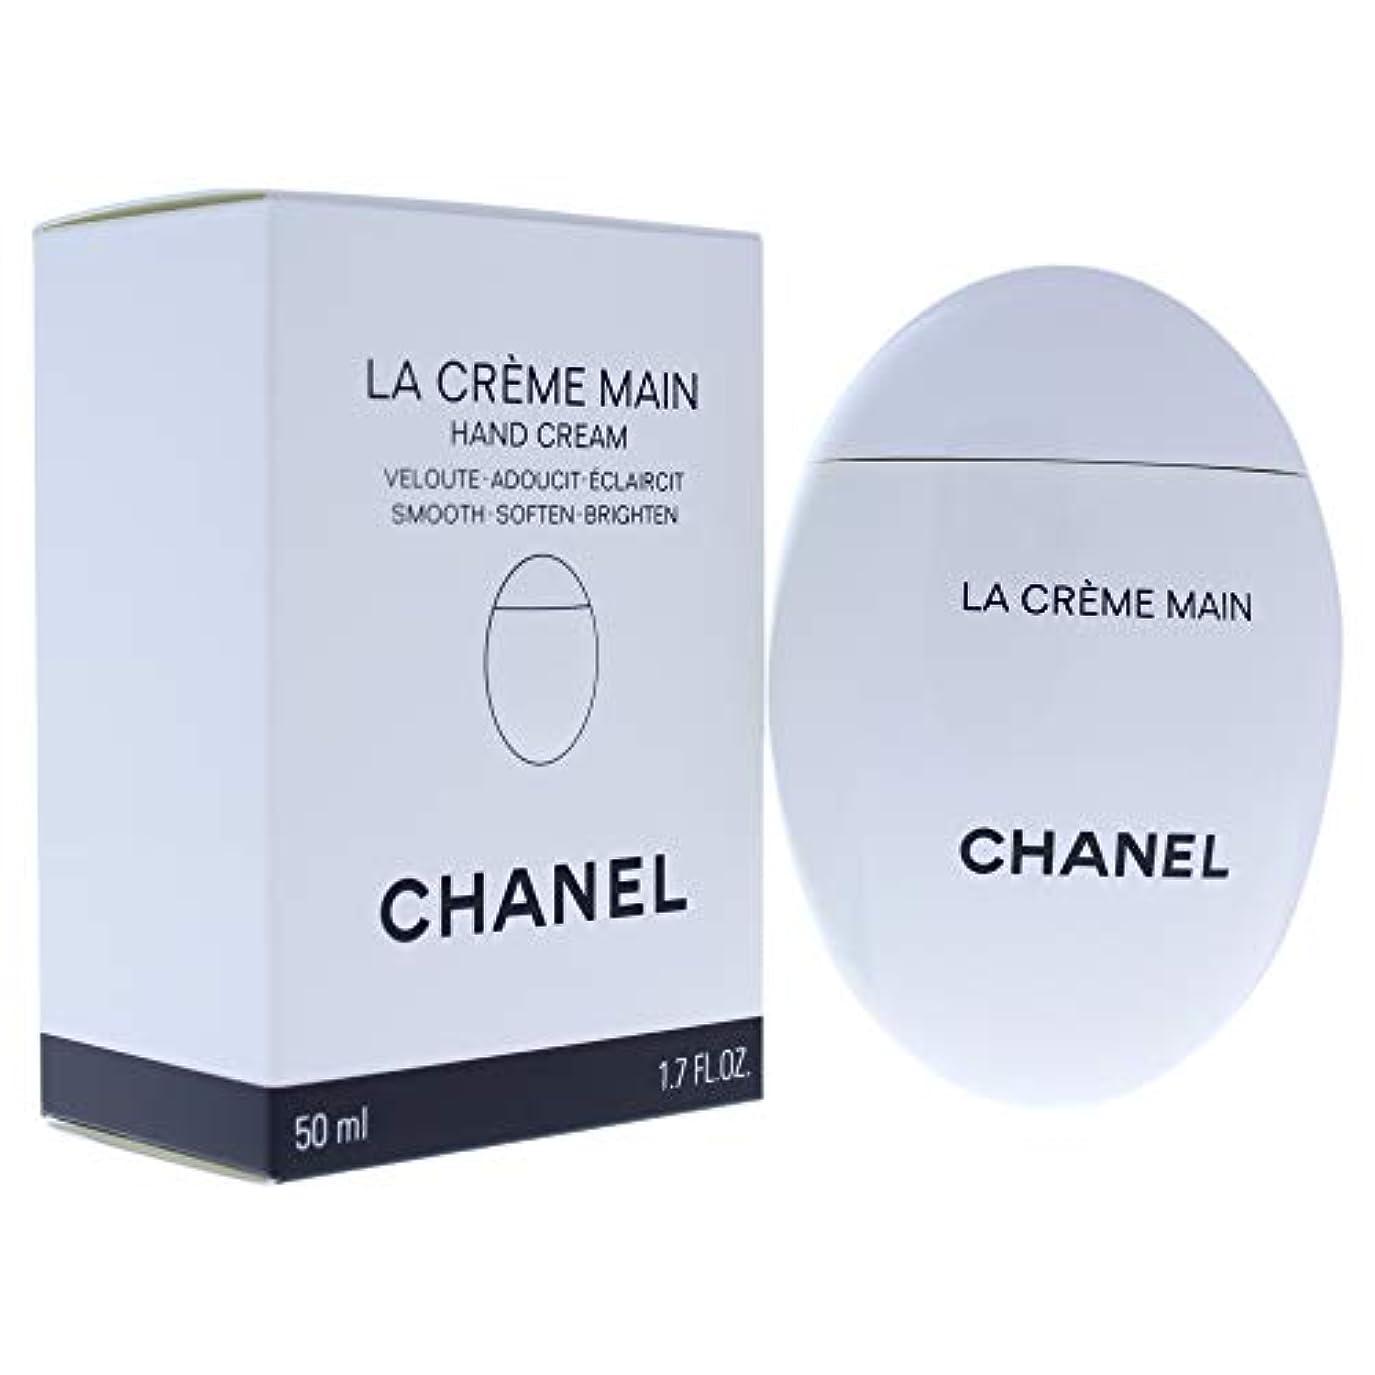 バングラデシュ芽ケイ素CHANEL LA CRÈME MAIN シャネル ラ クレーム マン ハンドクリーム 50ml